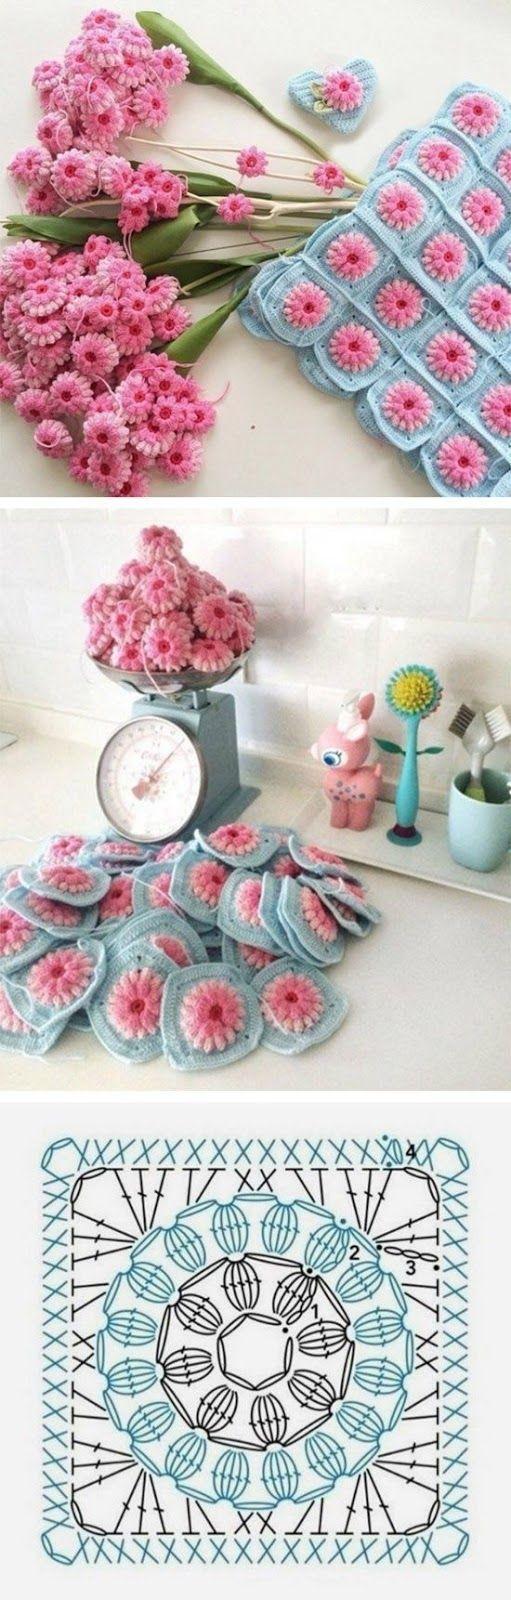 szydełkowe ciuszki dla dzieci i niemowlaków, ciuszki szydełkiem dla niemowląt i dzieci, crochet patterns for new born and chiledren